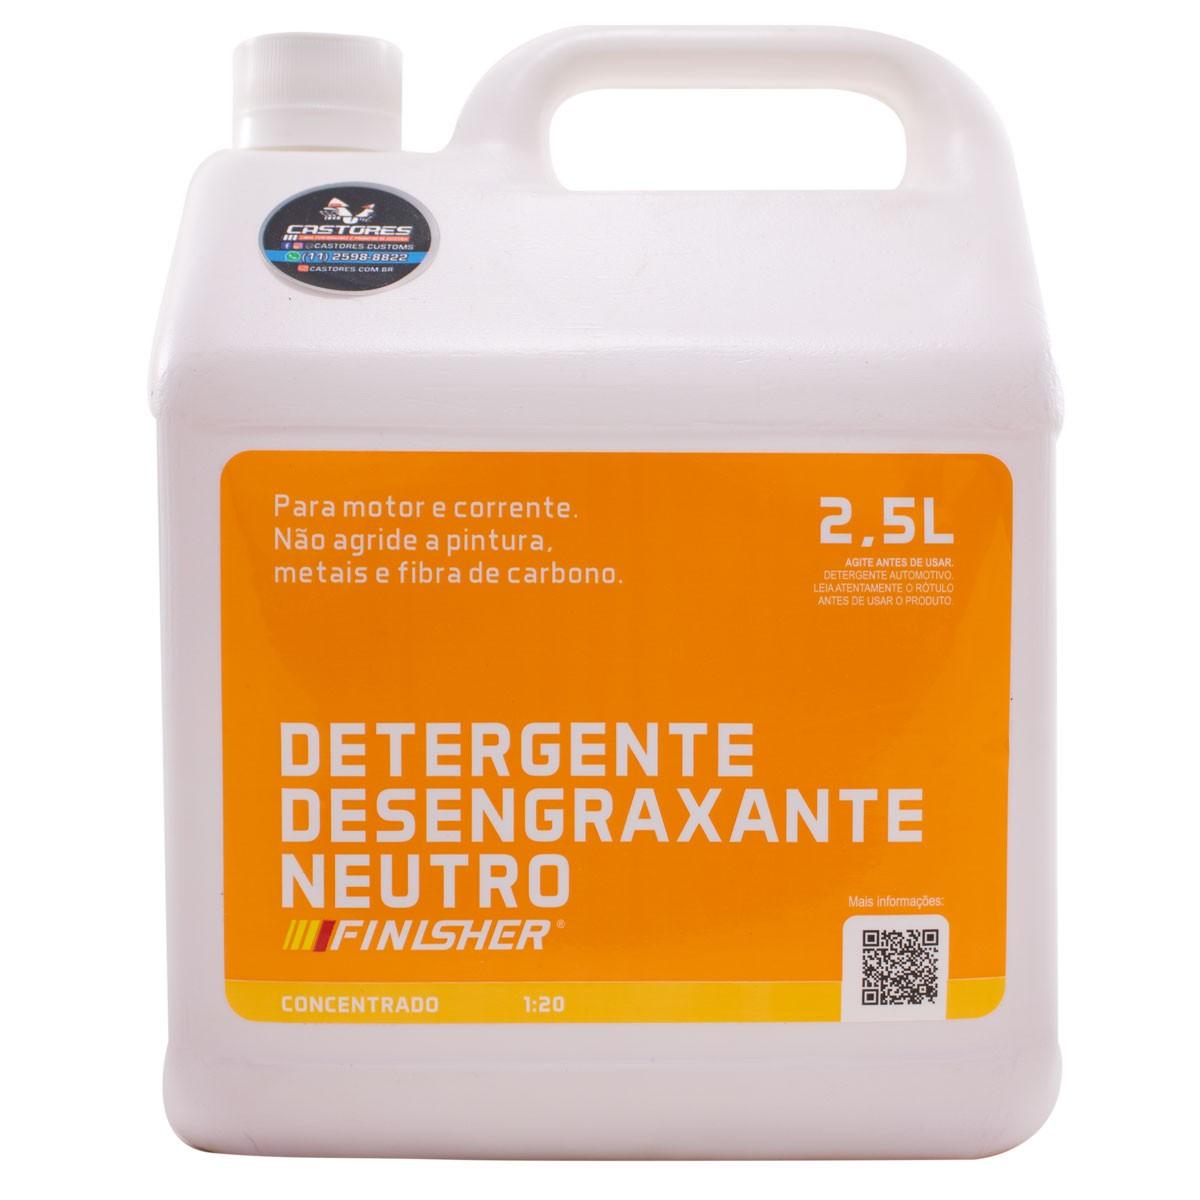 Finisher Detergente Desengraxante Neutro 2,5L